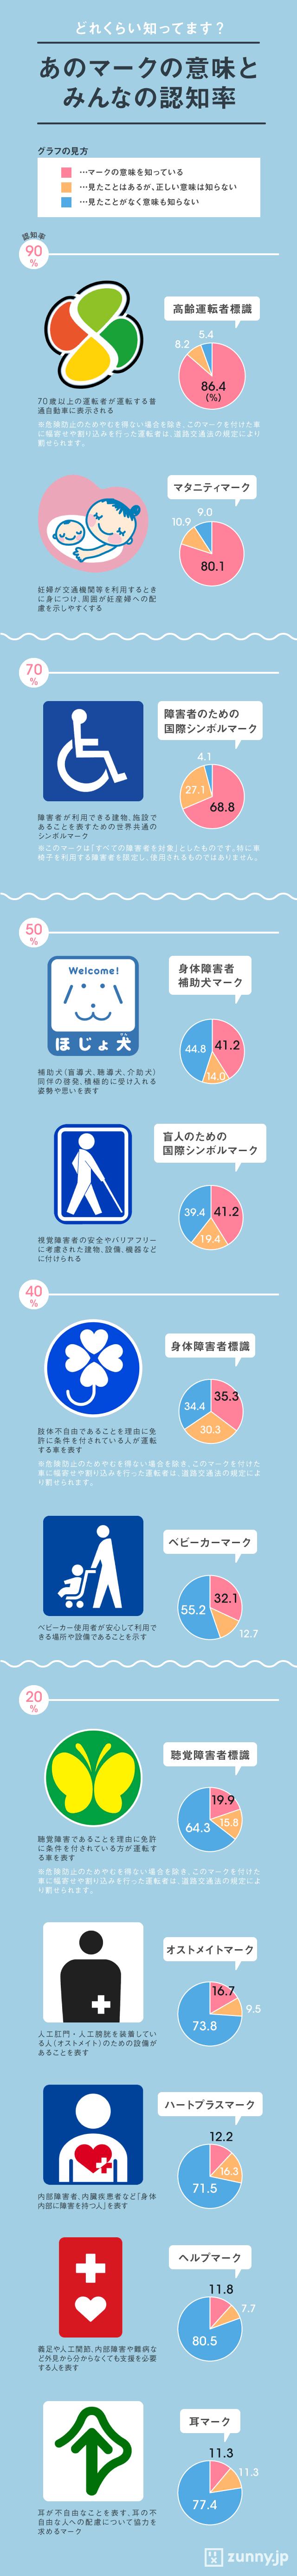 インフォグラフィック:東京五輪へ向けピクトグラム変更・追加。認知率が高い公共マークは?